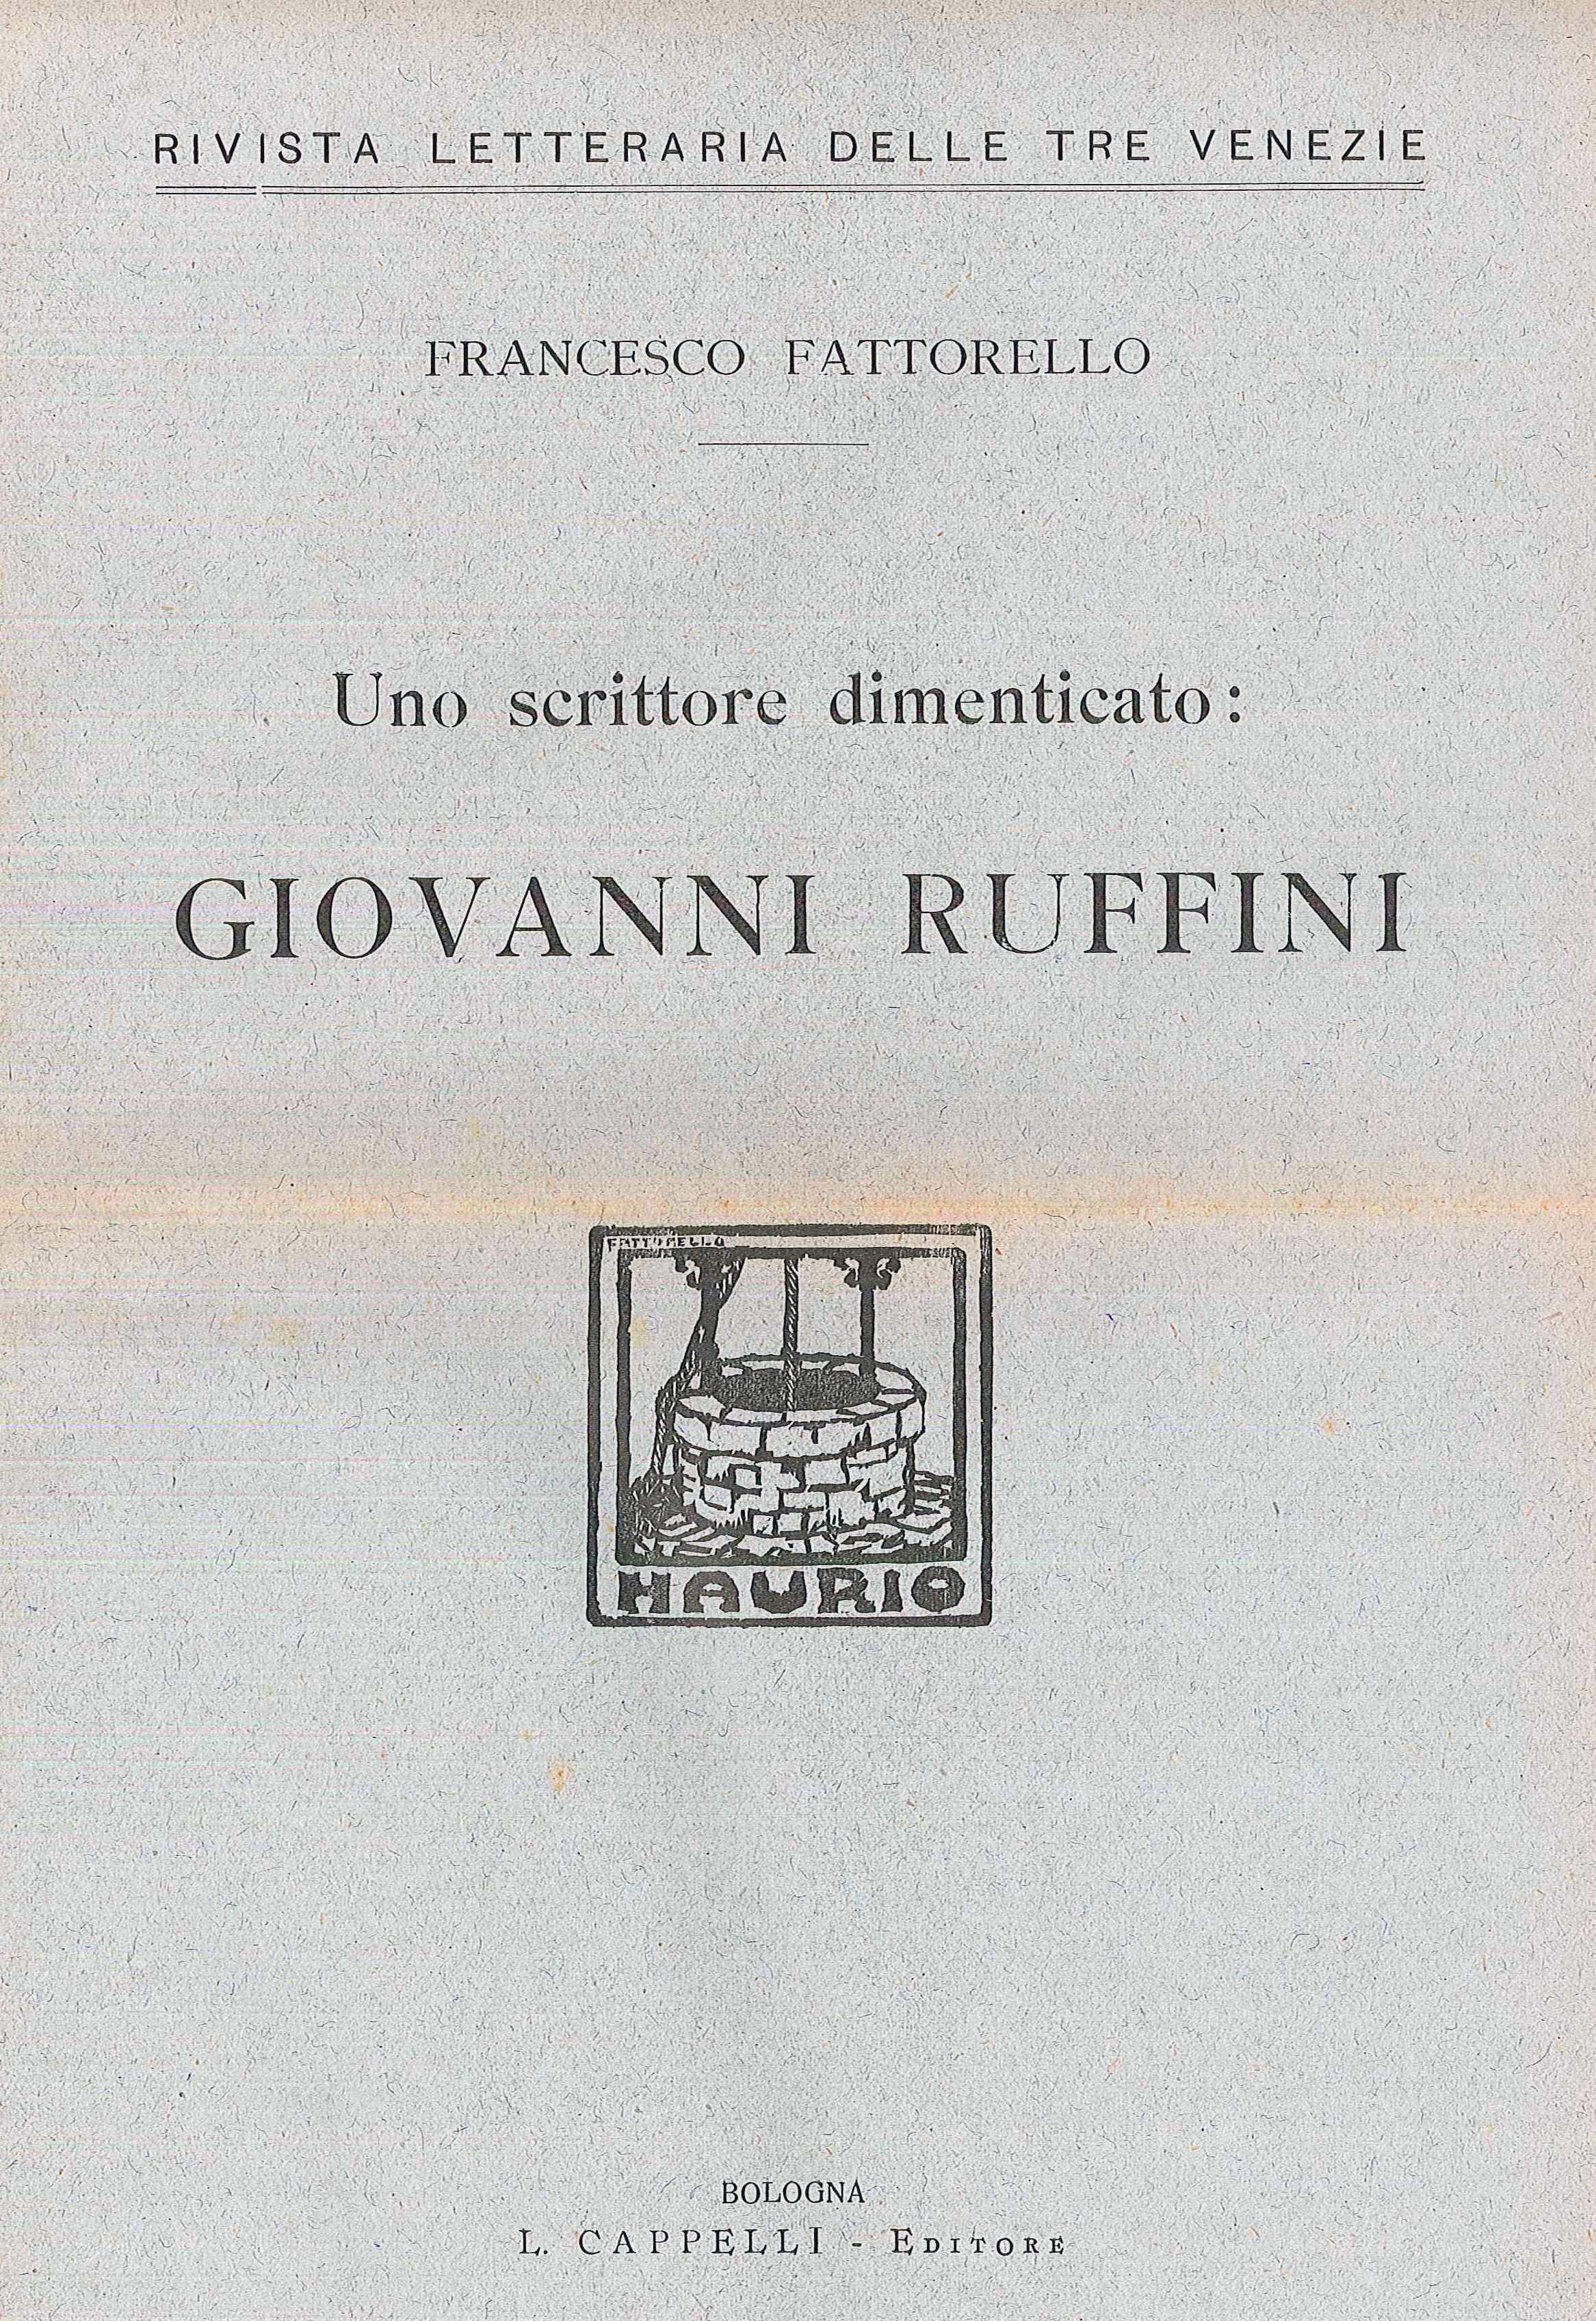 Uno scrittore dimenticato: Giovanni Ruffini (Licinio Cappelli Editore - Bologna)